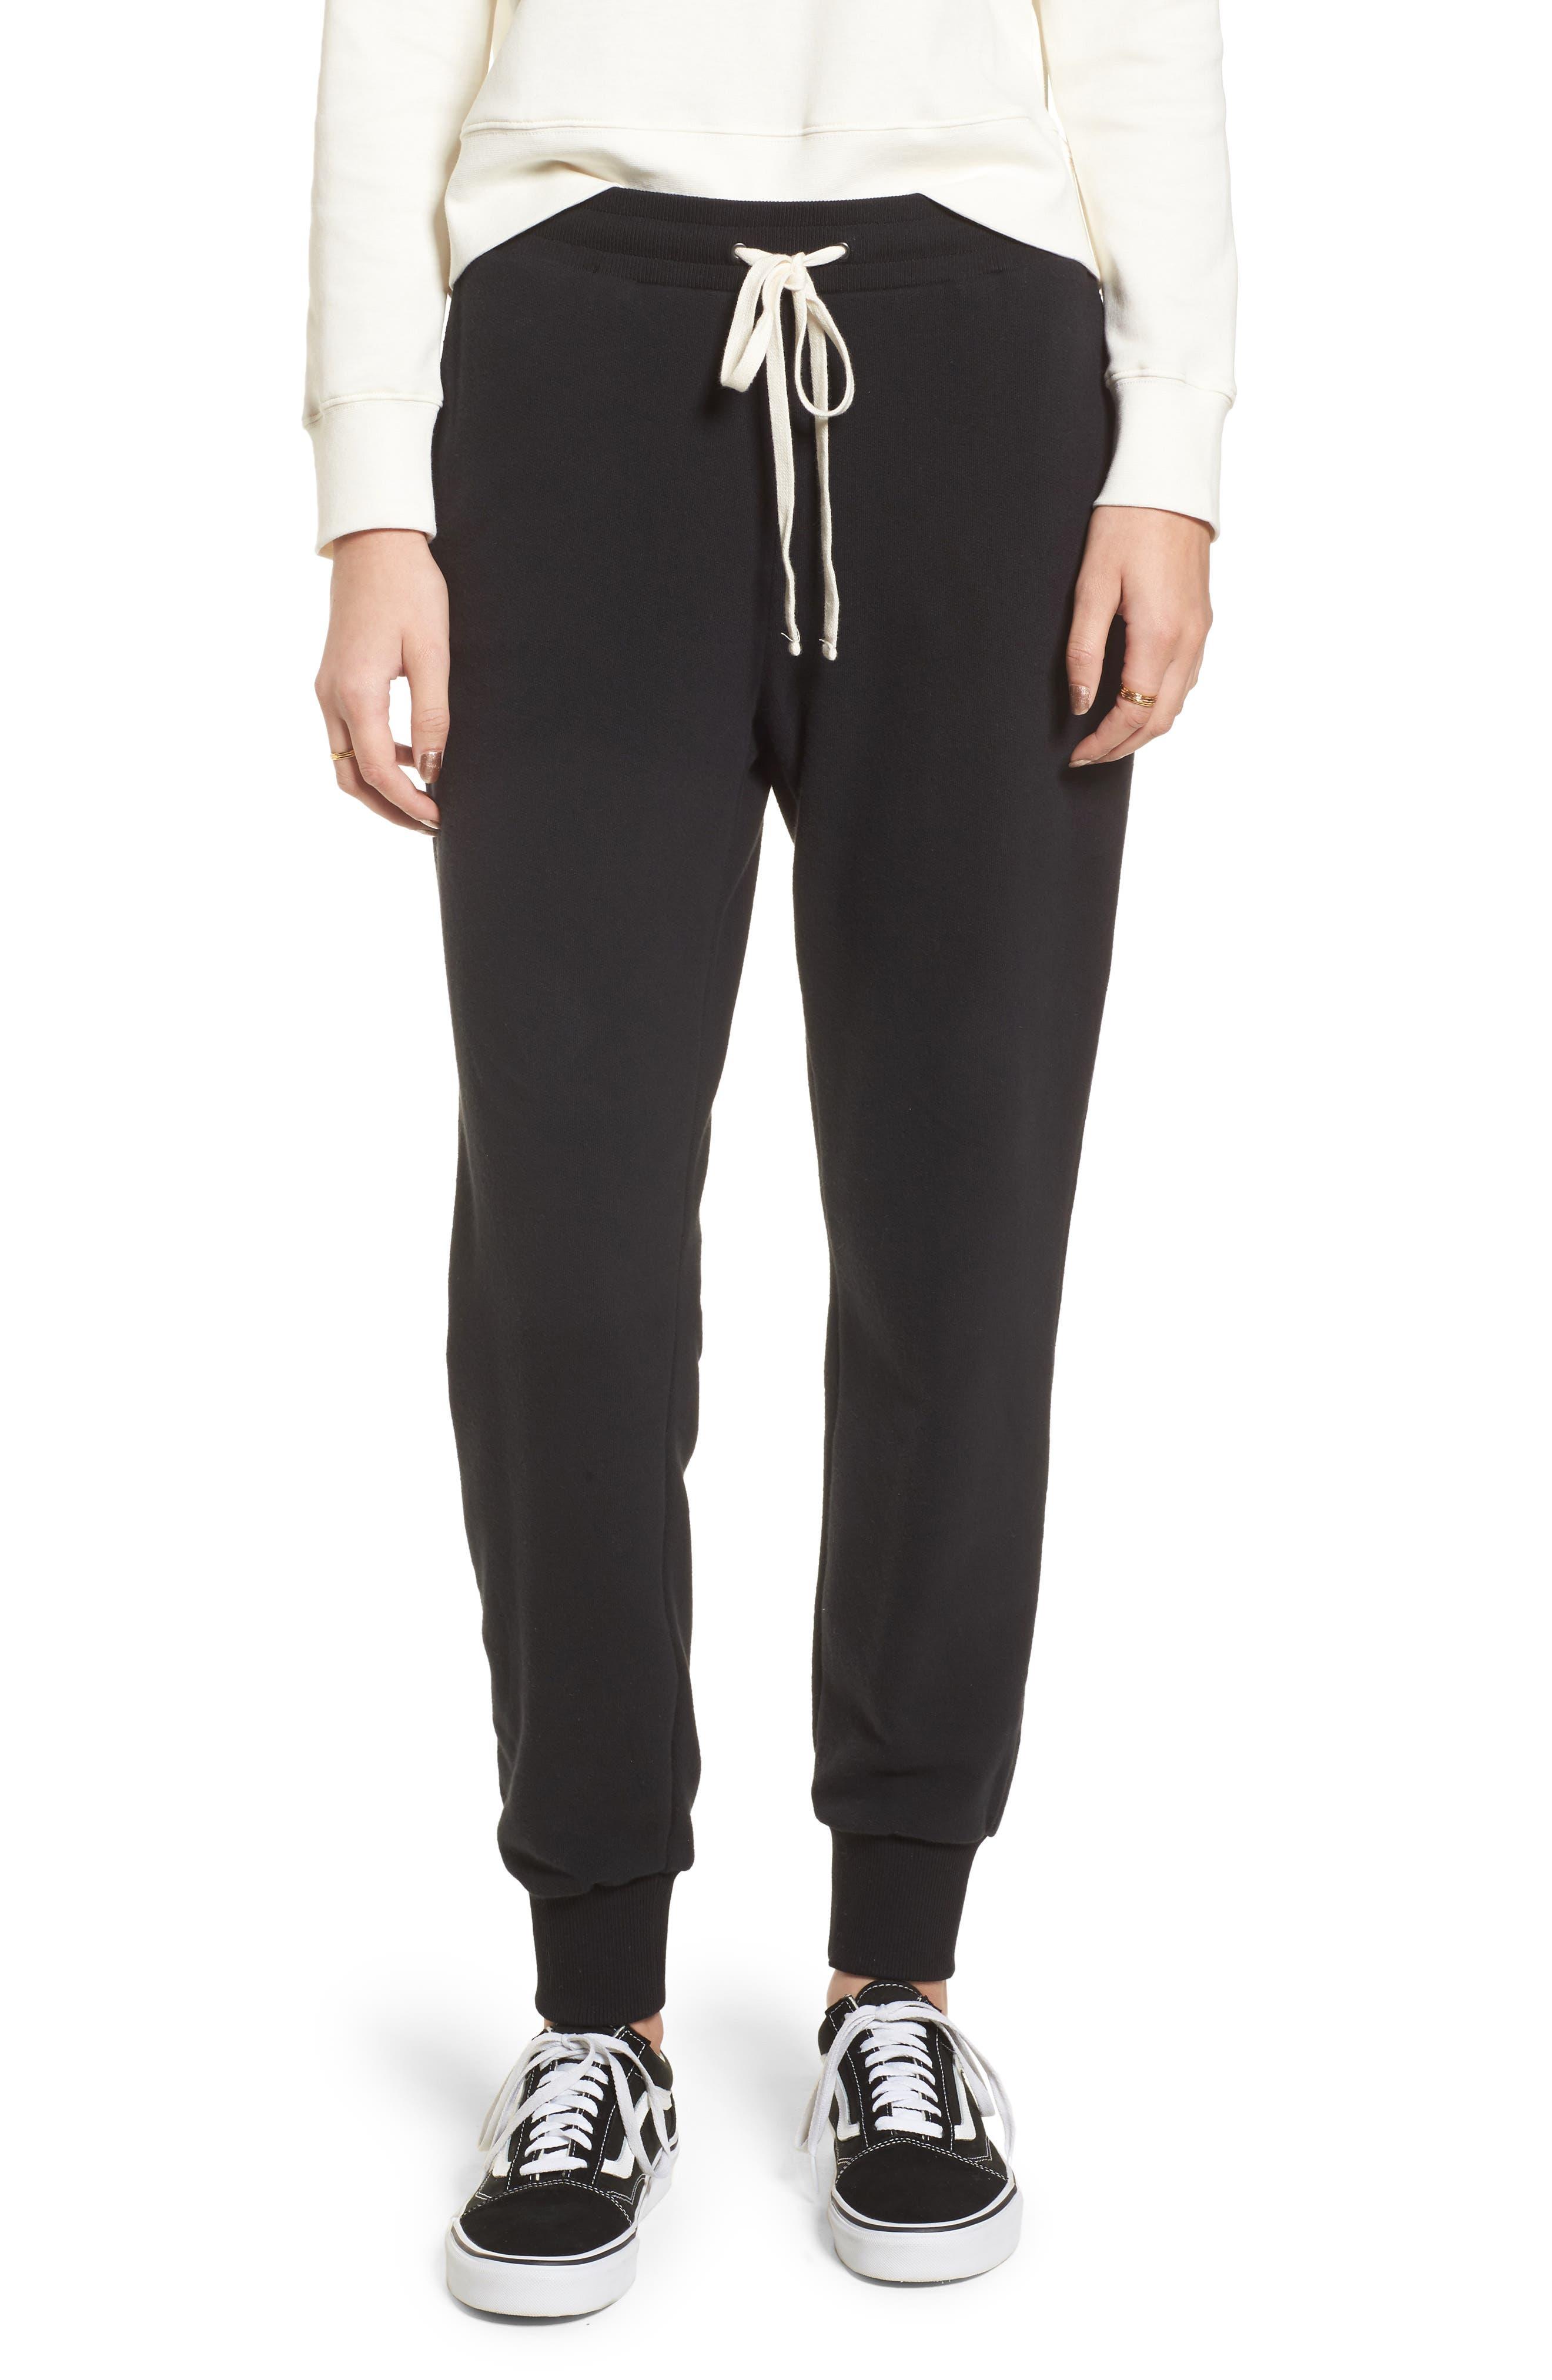 Terry Trouser Sweatpants,                             Main thumbnail 1, color,                             001